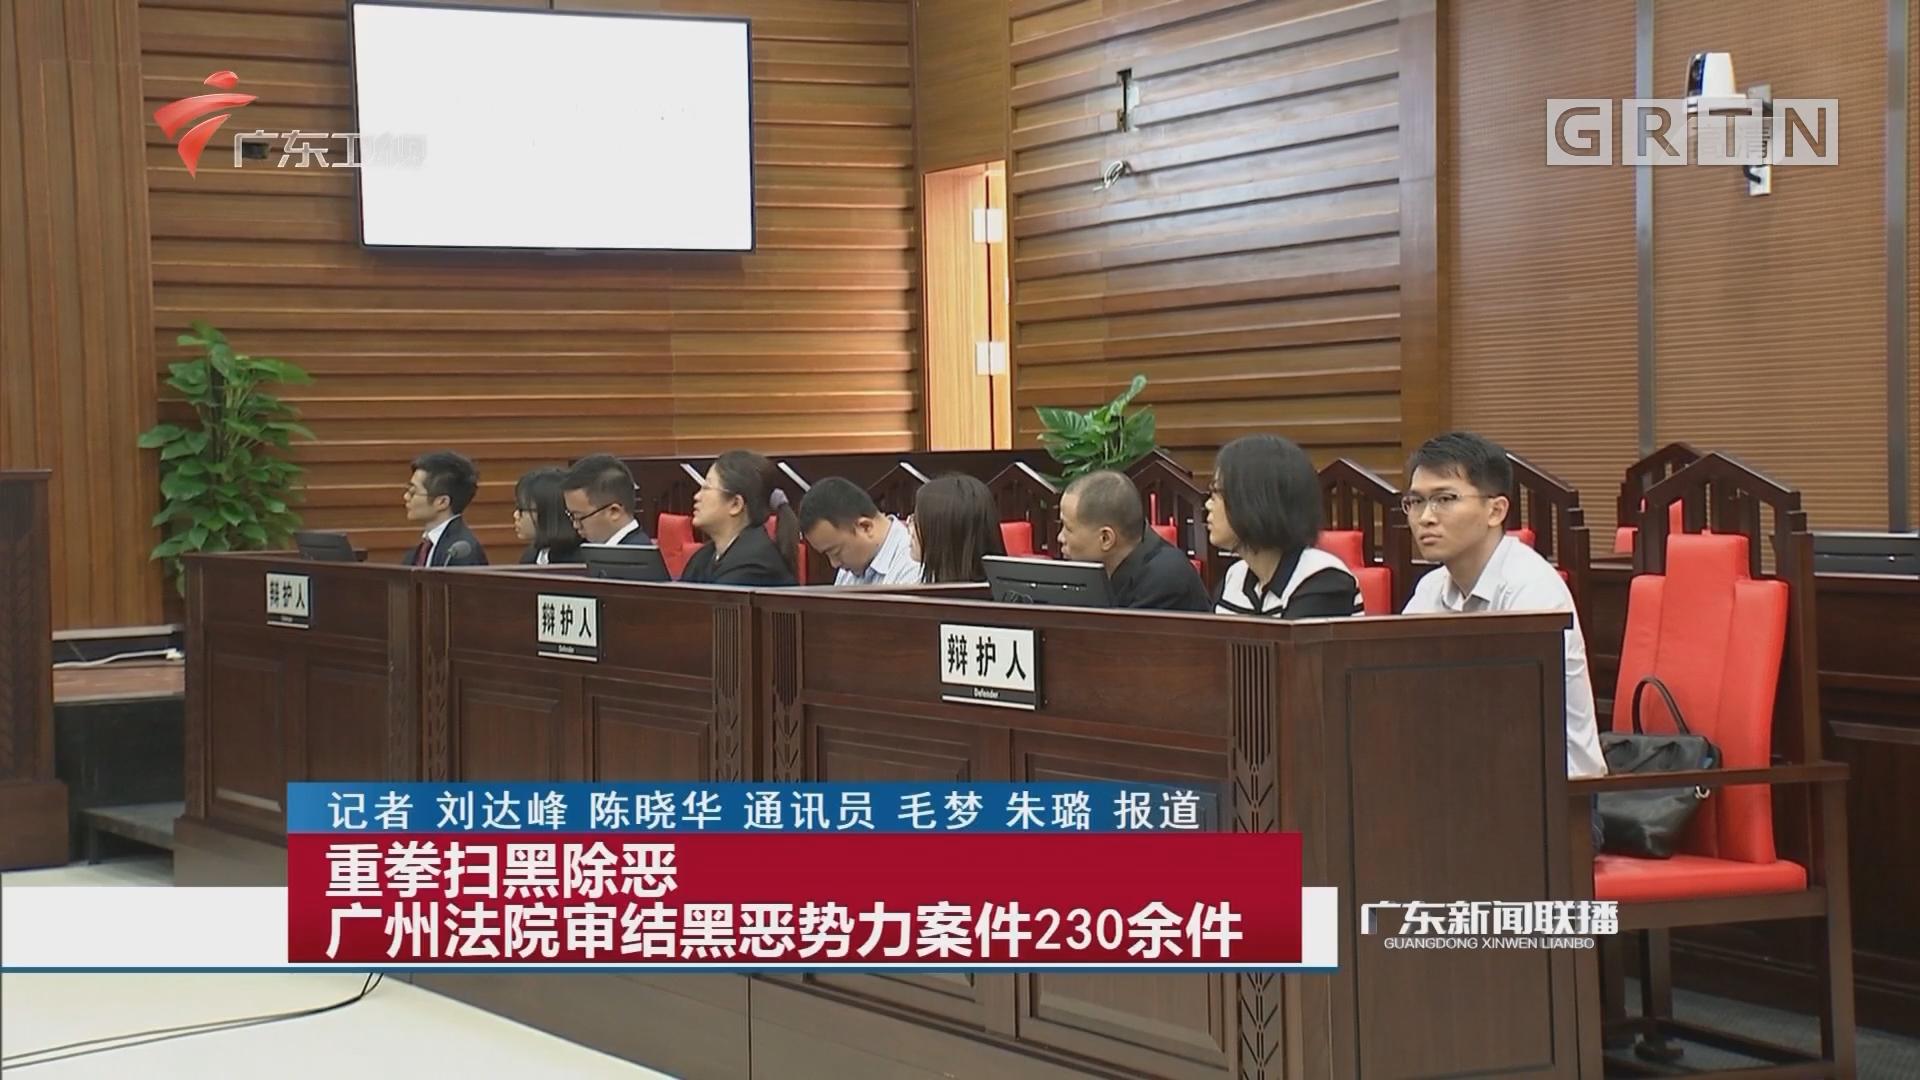 重拳扫黑除恶 广州法院审结黑恶势力案件230余件